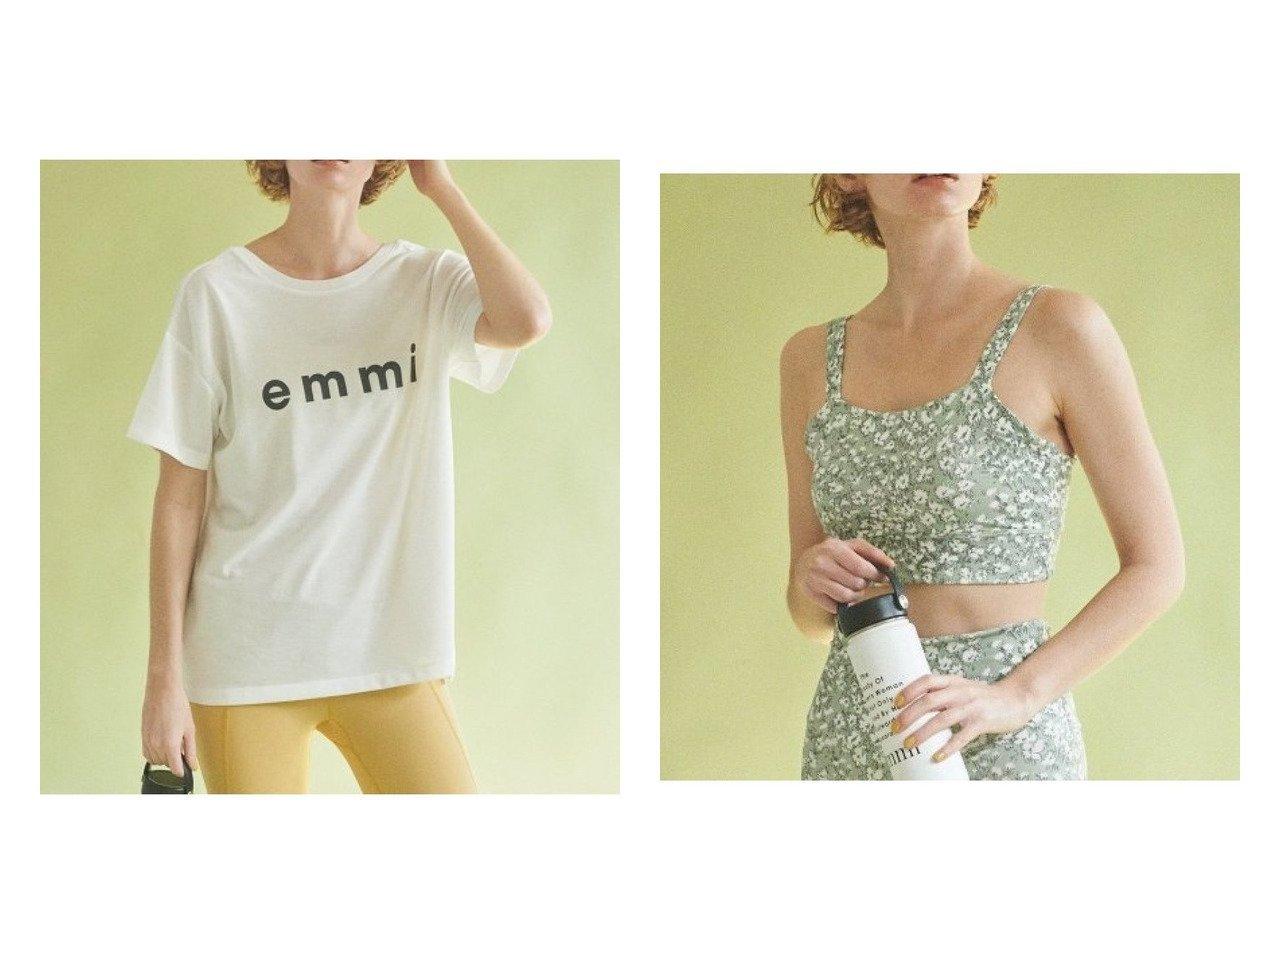 【emmi/エミ】の【emmi yoga】eco・emmiロゴT-shirt&【emmi yoga】emmiflowerブラトップ スポーツ・ヨガウェア、運動・ダイエットグッズなどのおすすめ!人気、トレンド・レディースファッションの通販 おすすめで人気の流行・トレンド、ファッションの通販商品 メンズファッション・キッズファッション・インテリア・家具・レディースファッション・服の通販 founy(ファニー) https://founy.com/ ファッション Fashion レディースファッション WOMEN トップス カットソー Tops Tshirt シャツ/ブラウス Shirts Blouses ロング / Tシャツ T-Shirts カットソー Cut and Sewn NEW・新作・新着・新入荷 New Arrivals カットソー スポーツ フロント 吸水 |ID:crp329100000020513